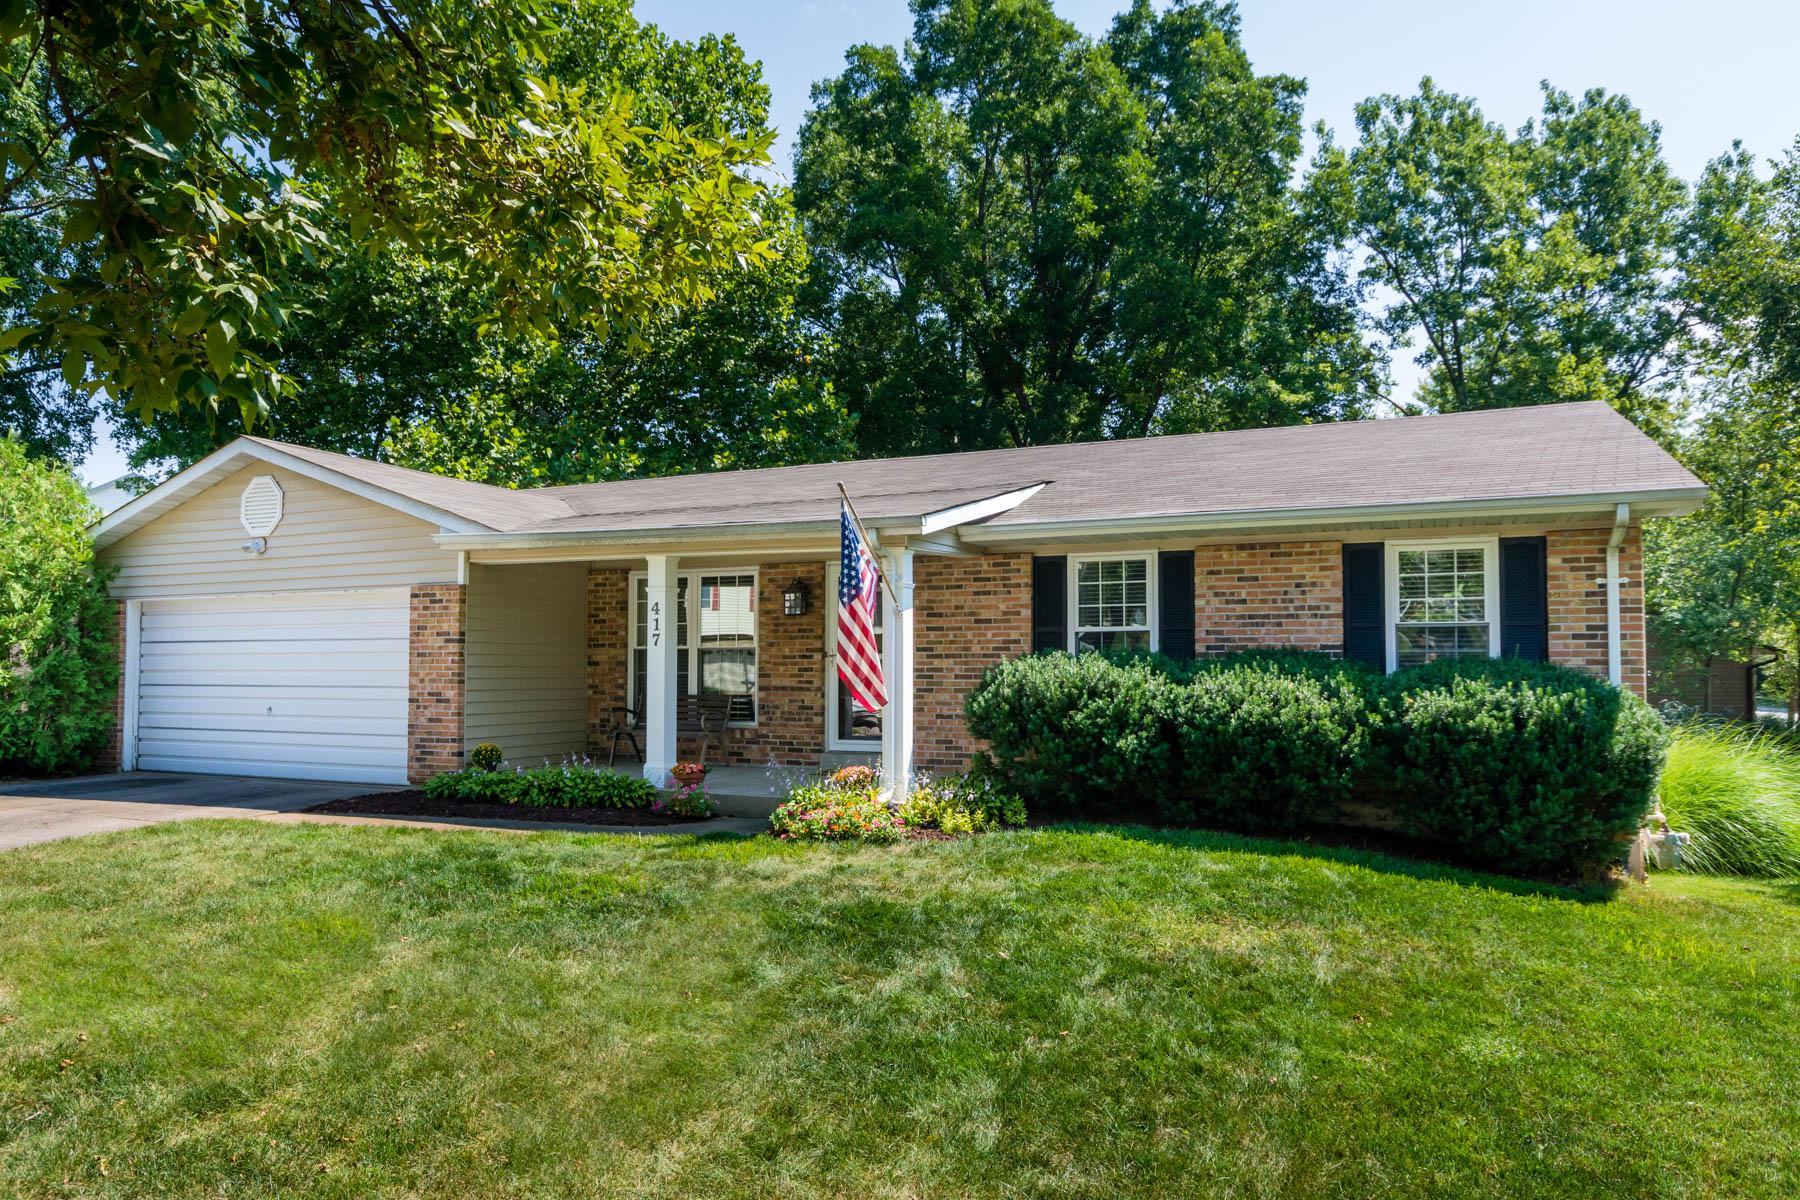 Casa para uma família para Venda às Melanie Meadows Lane 417 Melanie Meadows Lane Ballwin, Missouri 63021 Estados Unidos